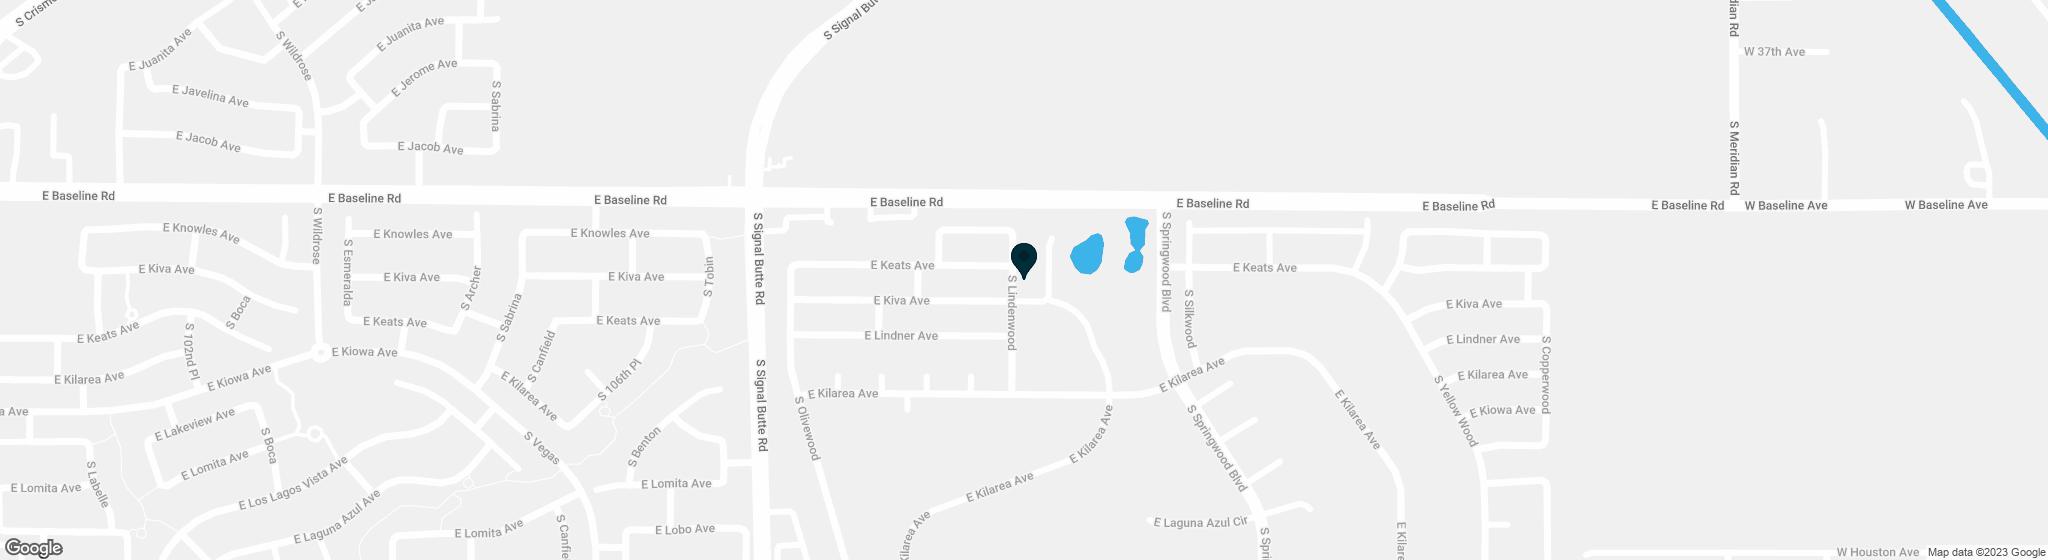 2055 S LINDENWOOD -- Mesa AZ 85209